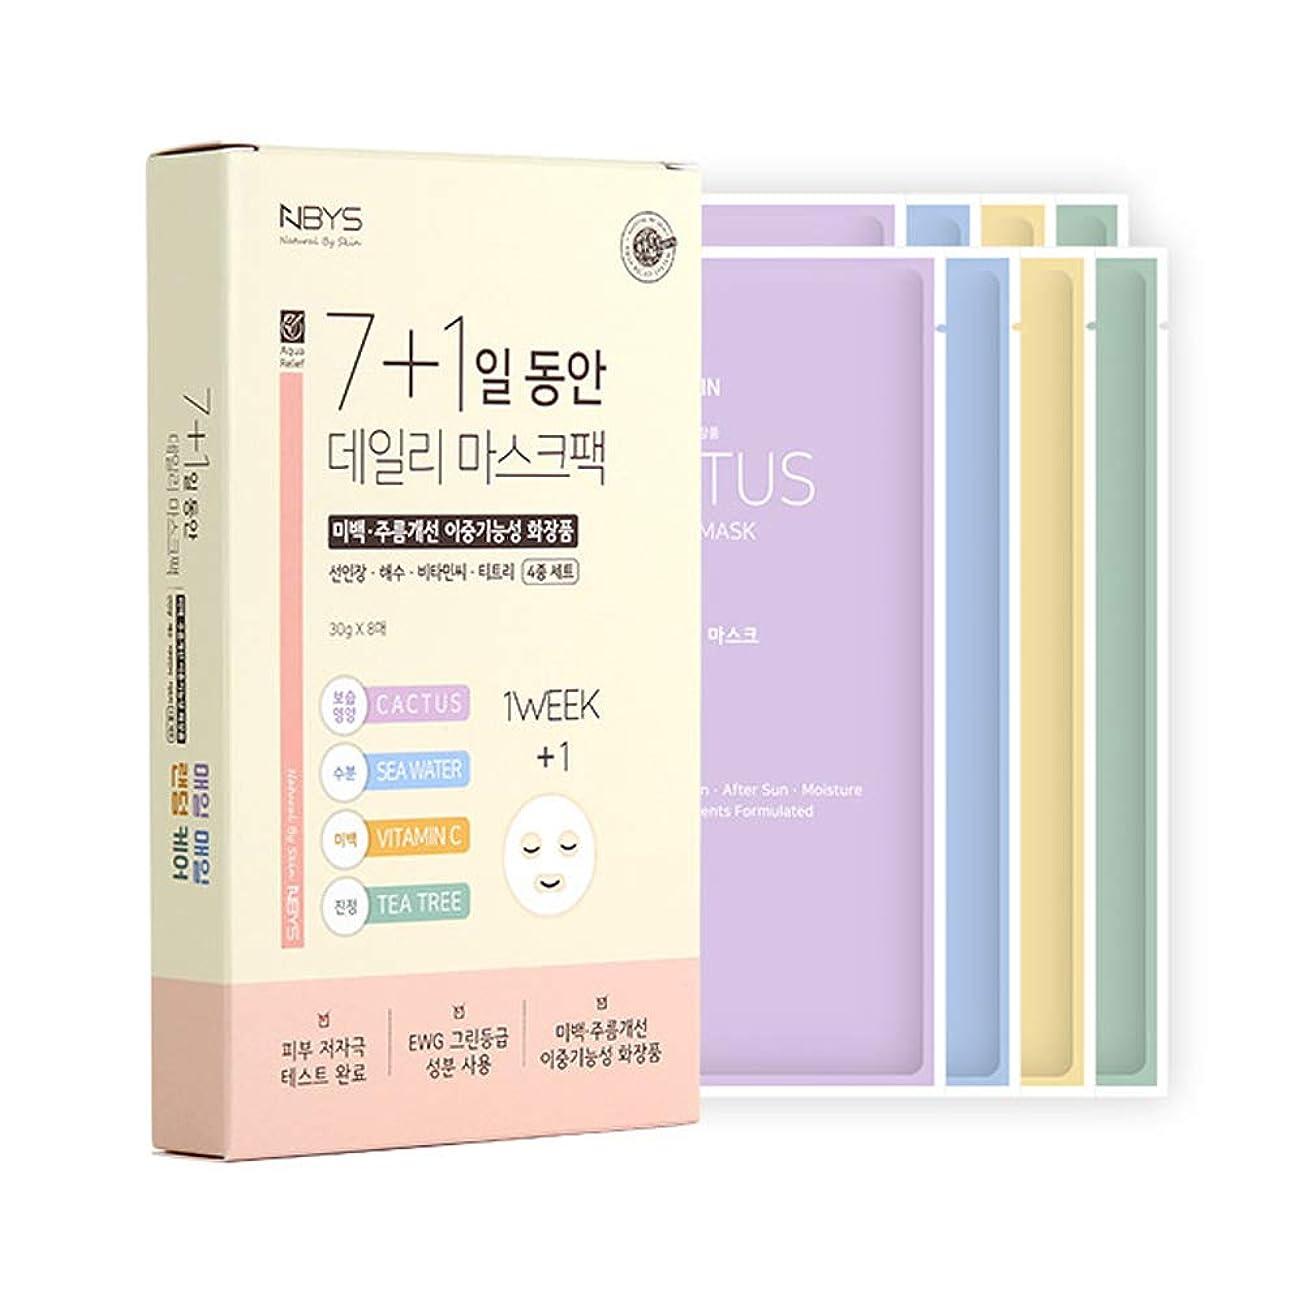 落とし穴木材オーバーフロー[NBYS] 7+1 NBYS RE Your Skin Mask フェイスパック 8枚セット [並行輸入品]